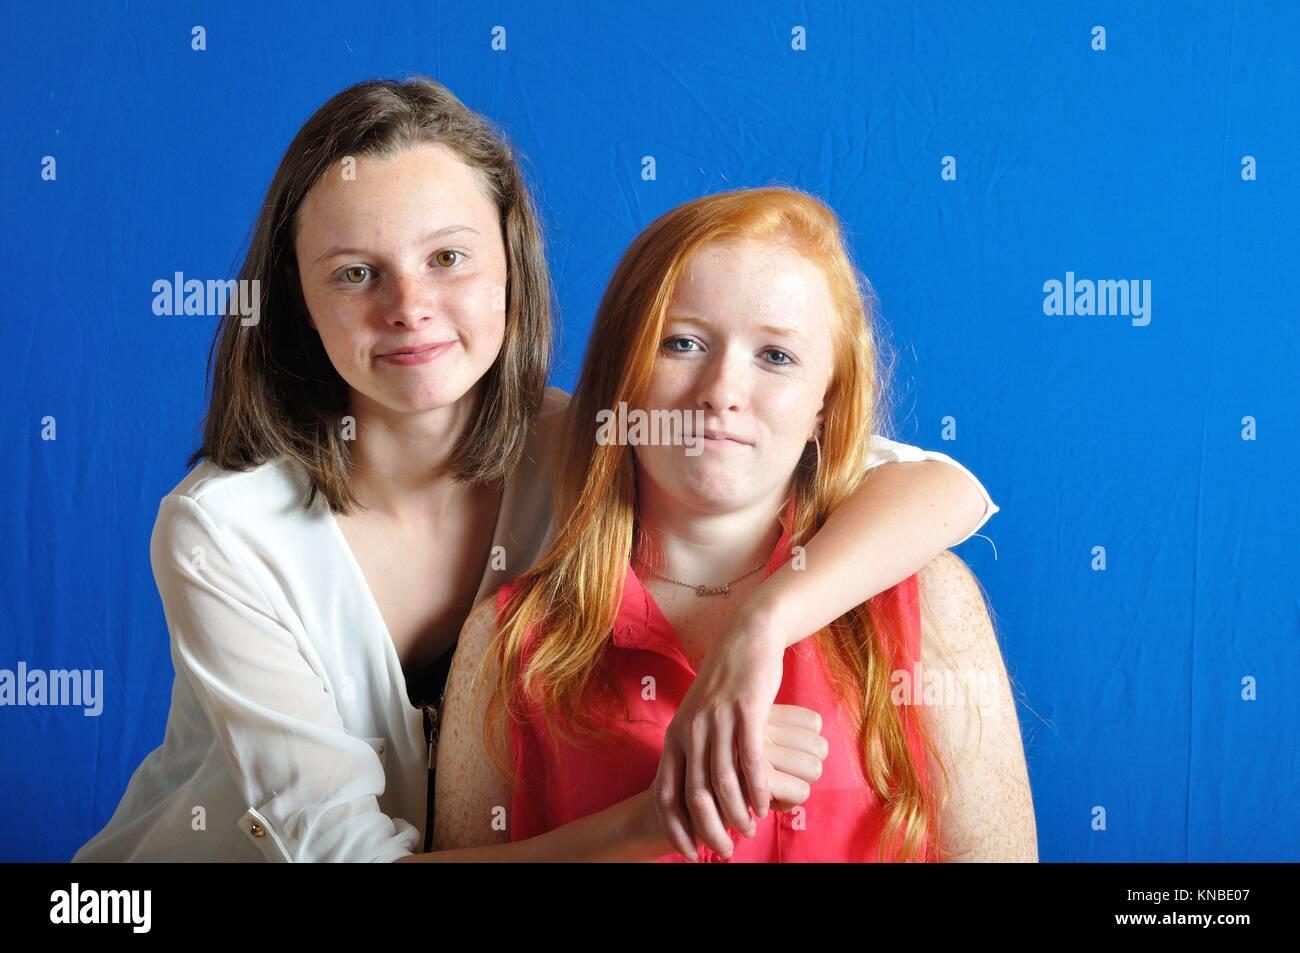 La complicidad entre dos adolescentes. Foto de stock